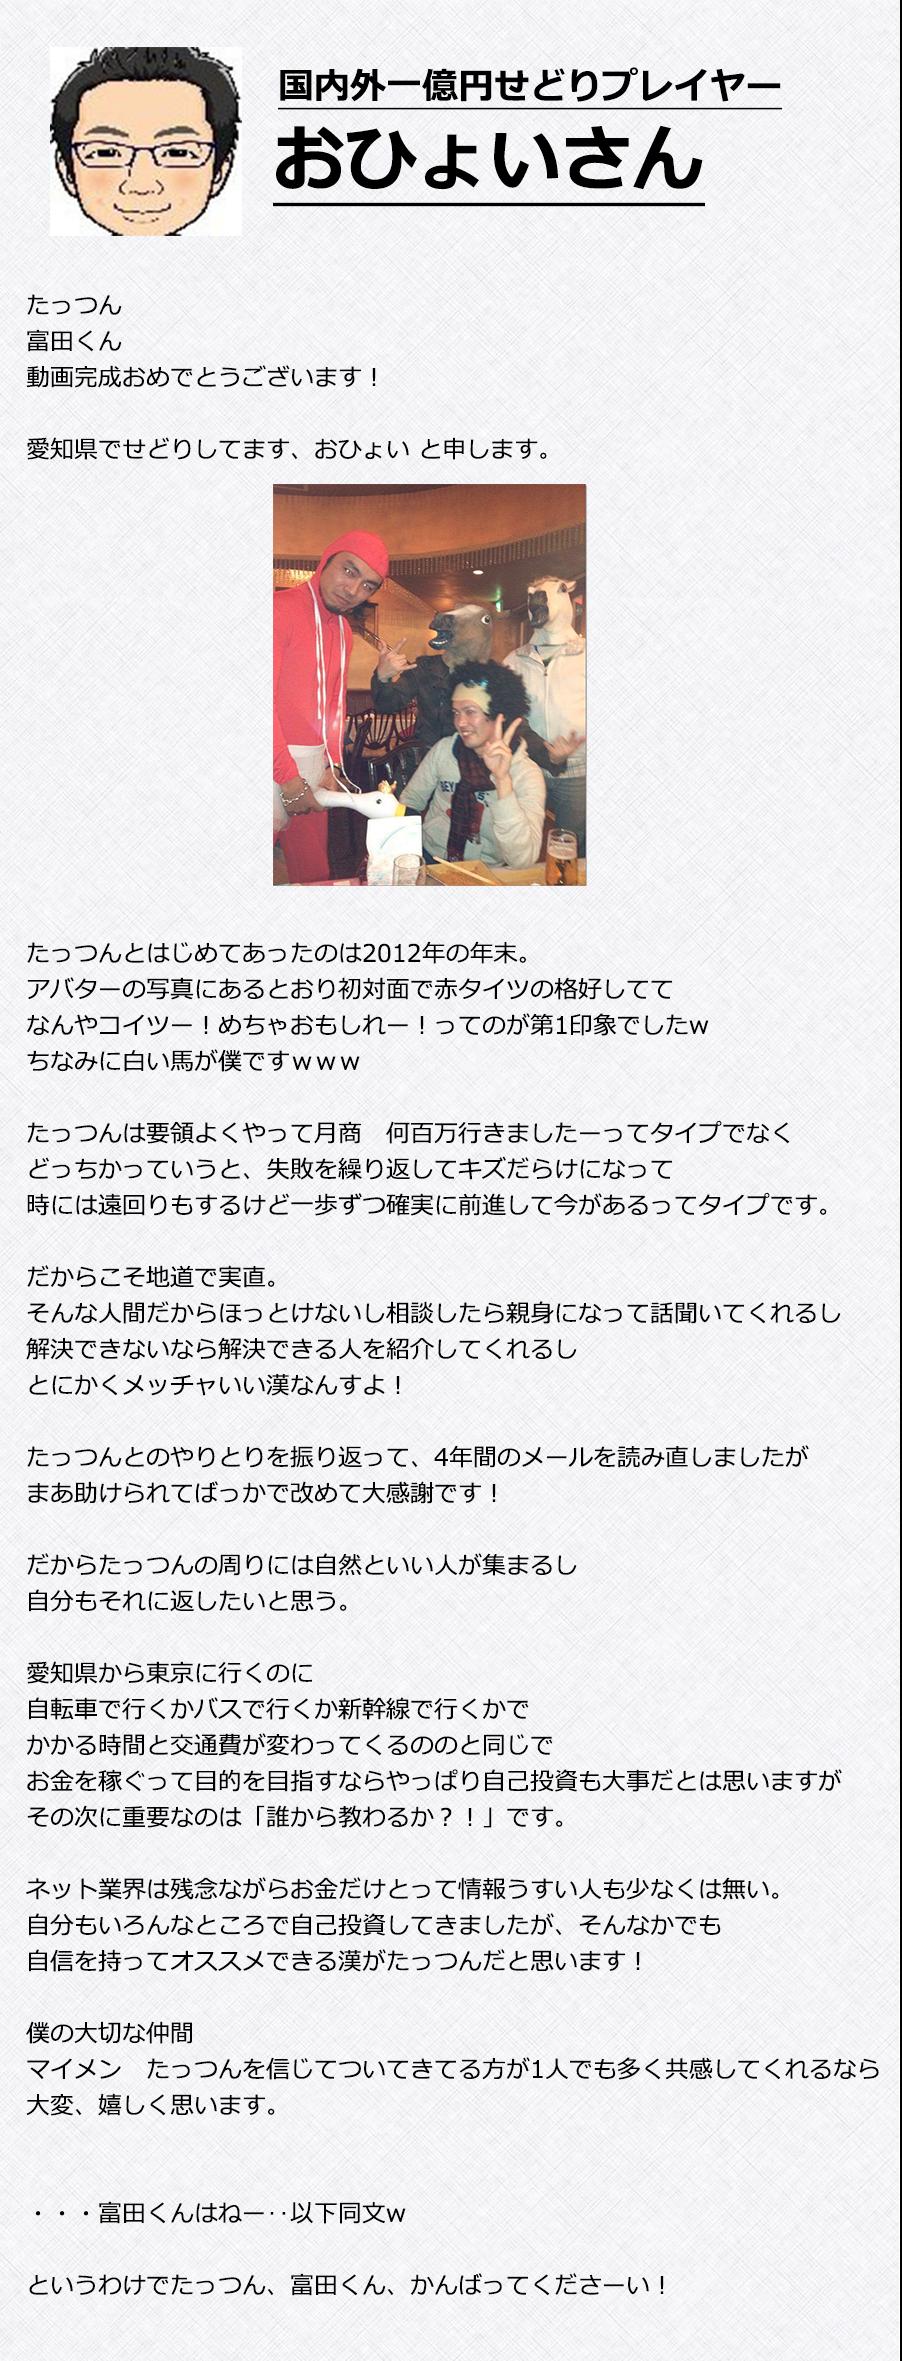 おひょいさん紹介文2